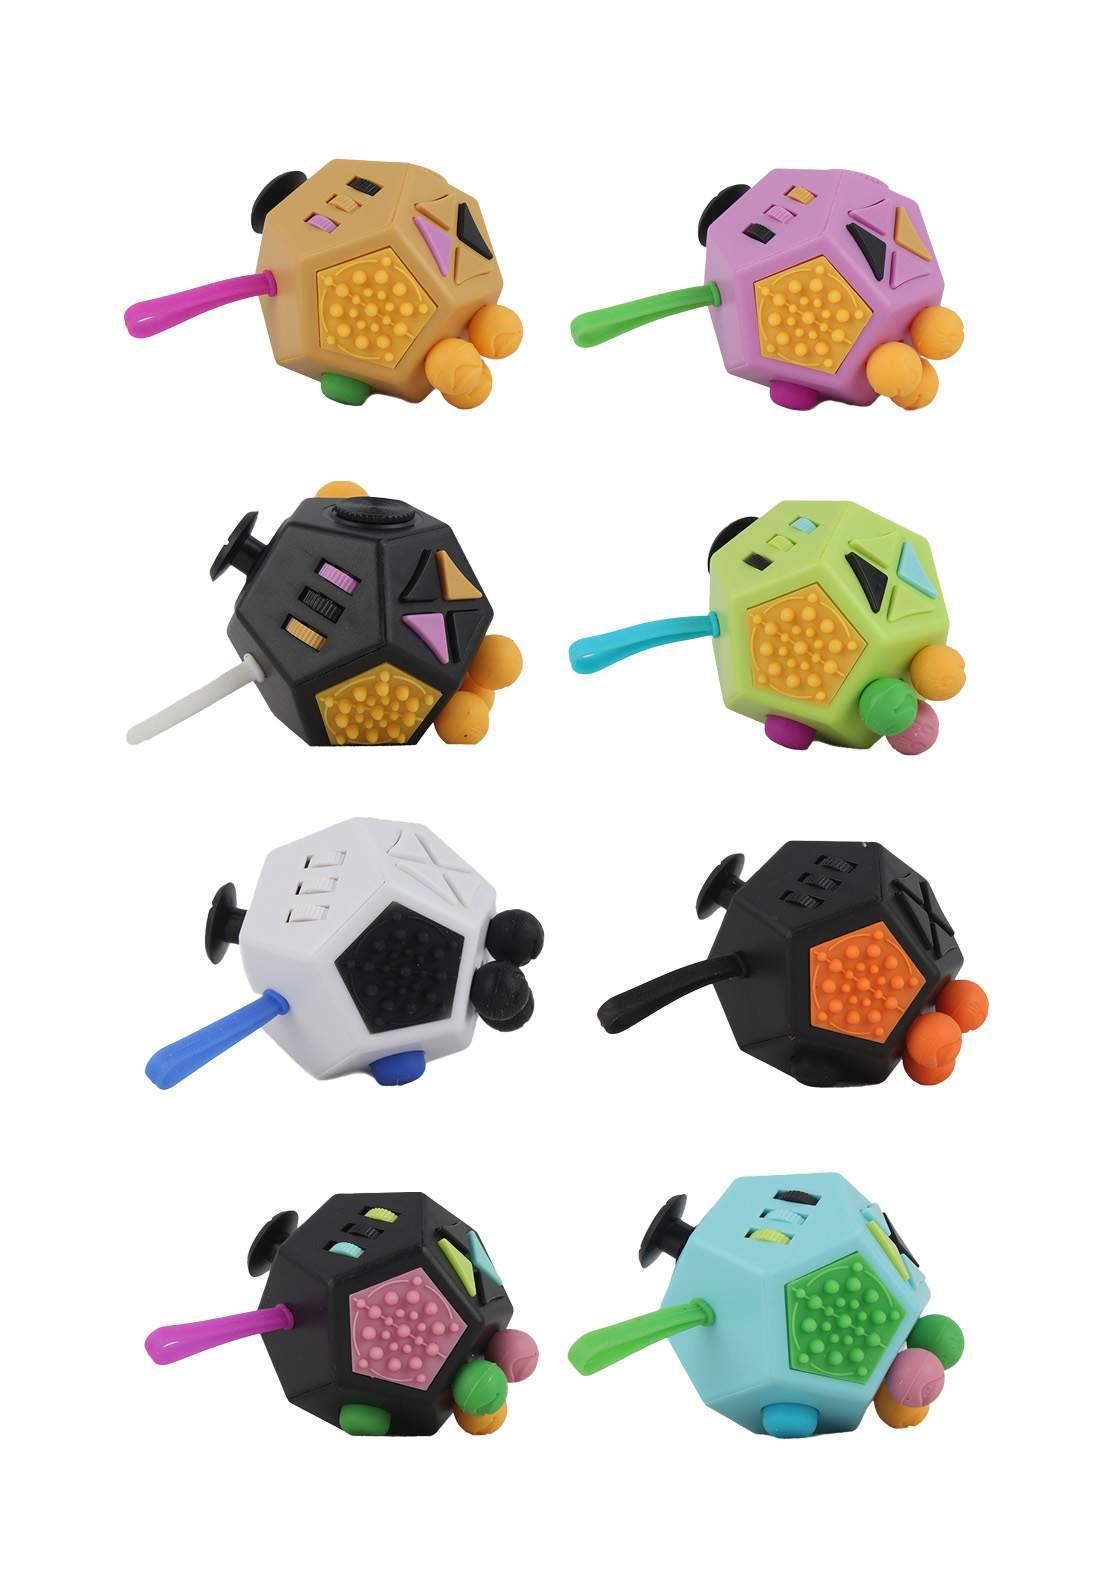 Mini Magic Fidget Toy Relieves Stress لعبة تخفيف التوتر